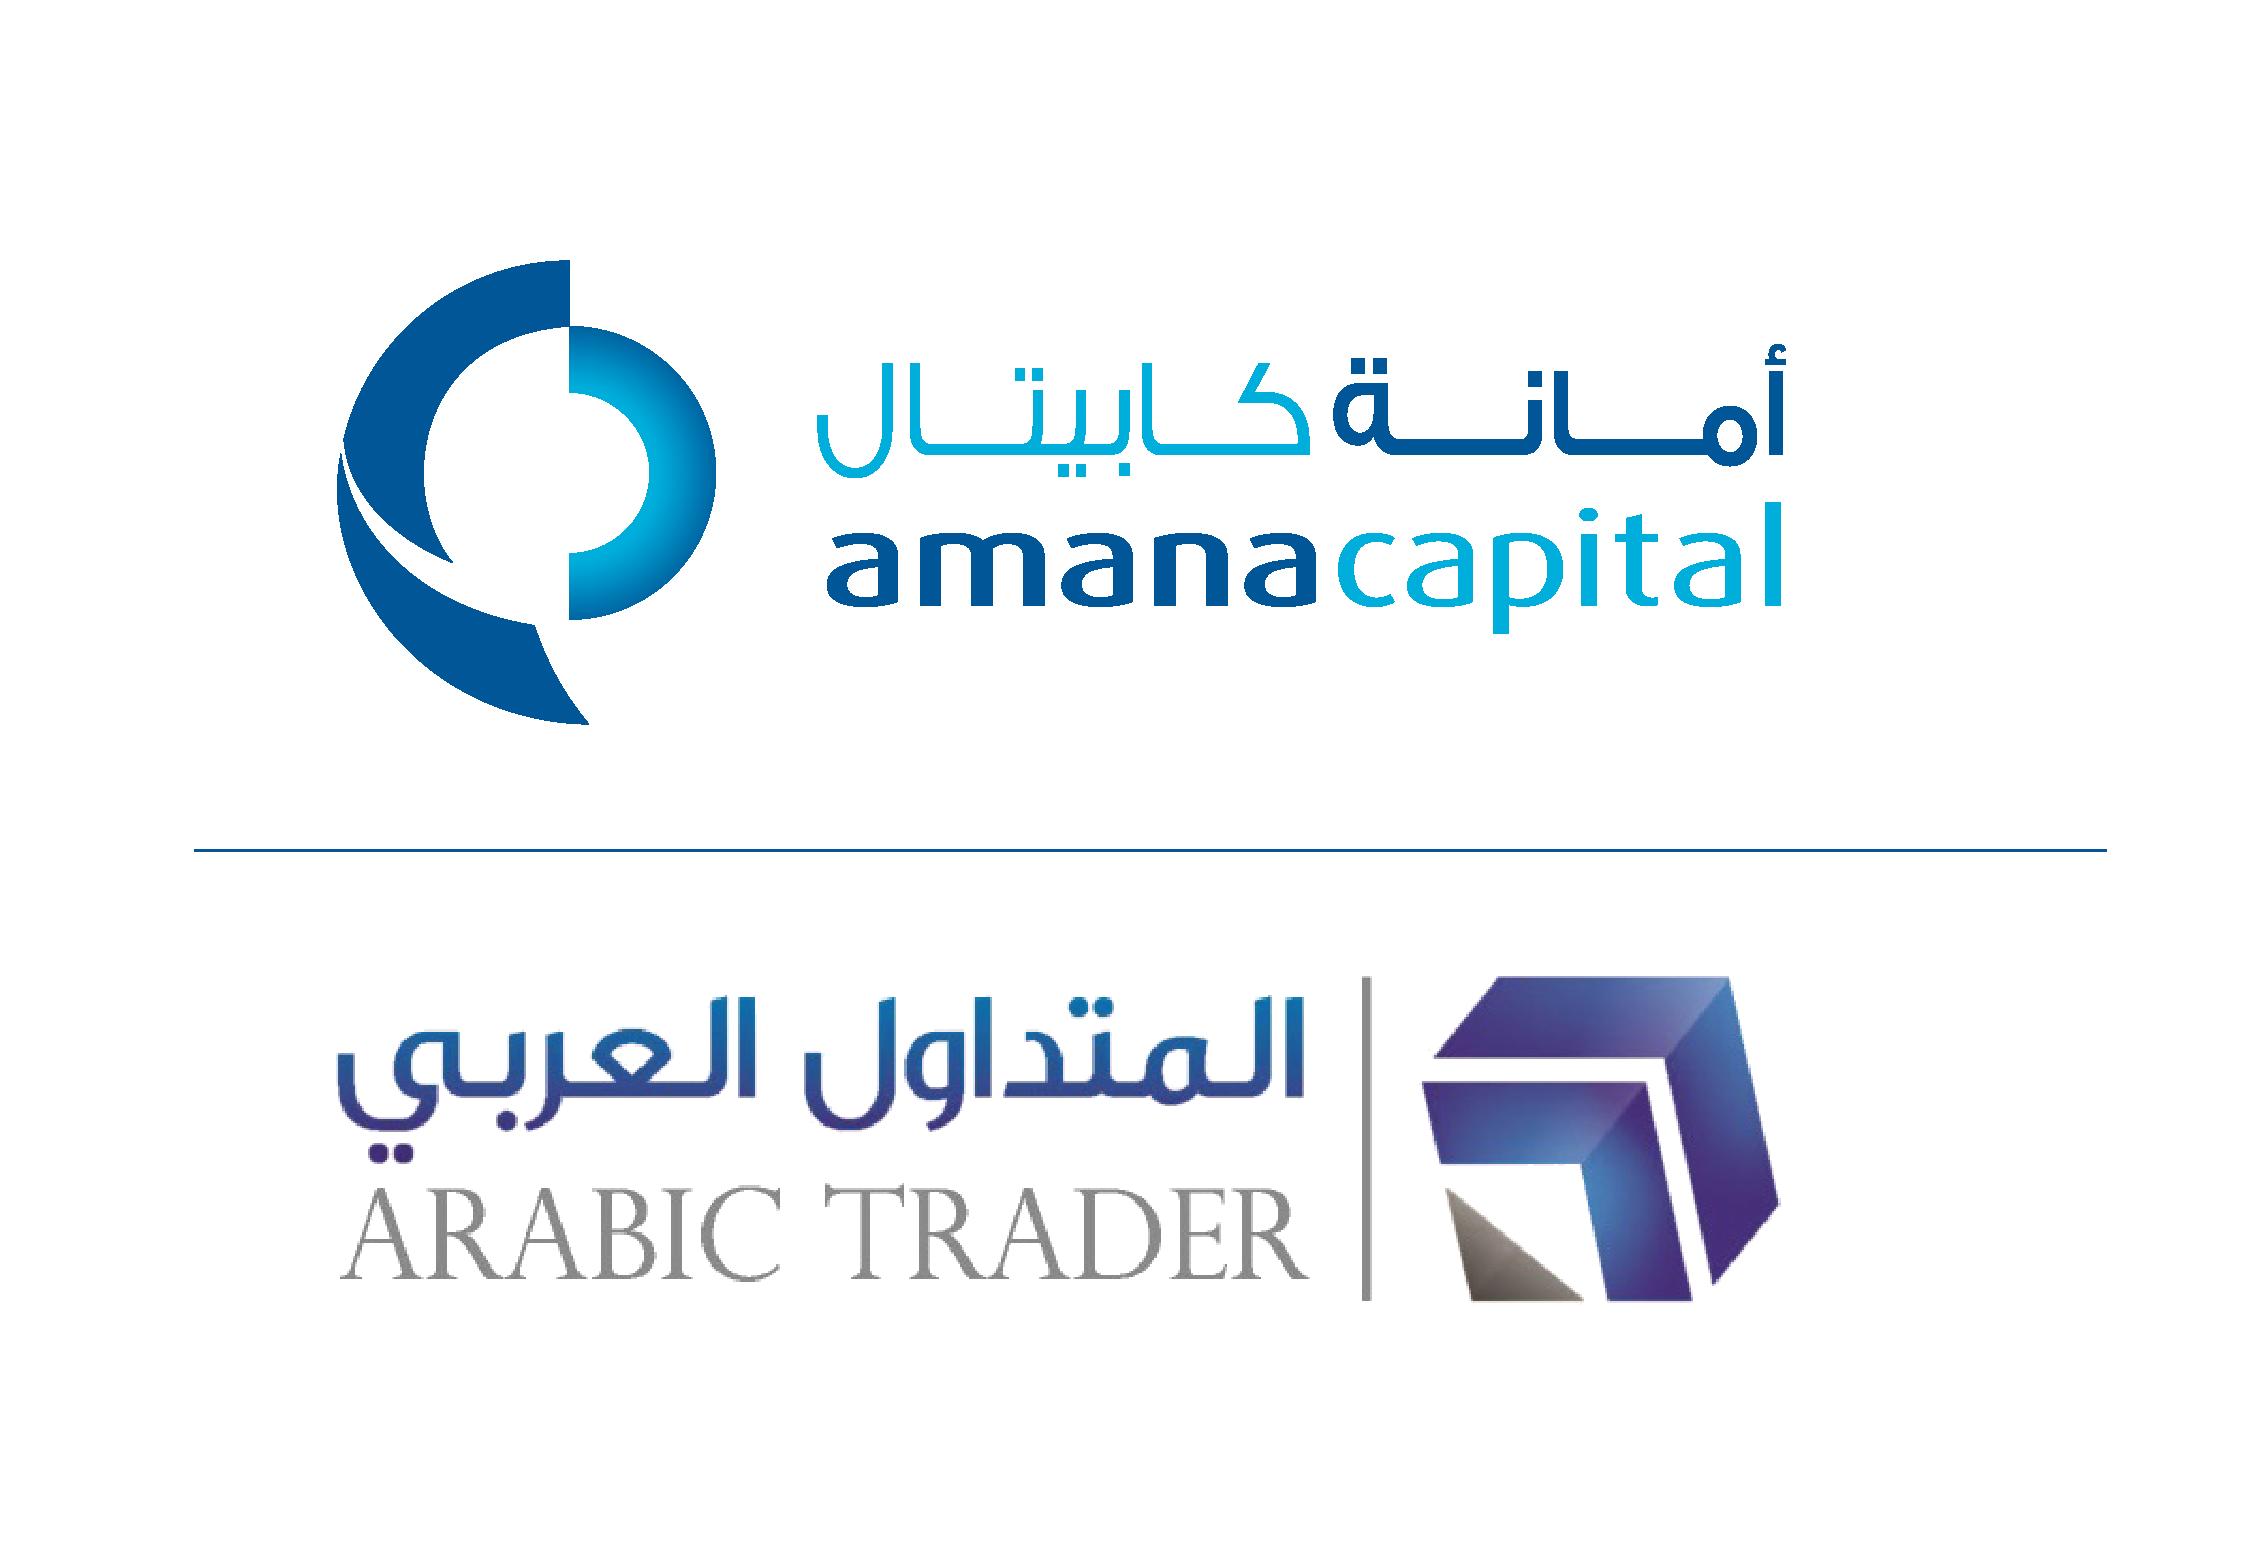 Arabic trader forex учебные материалы по форекс